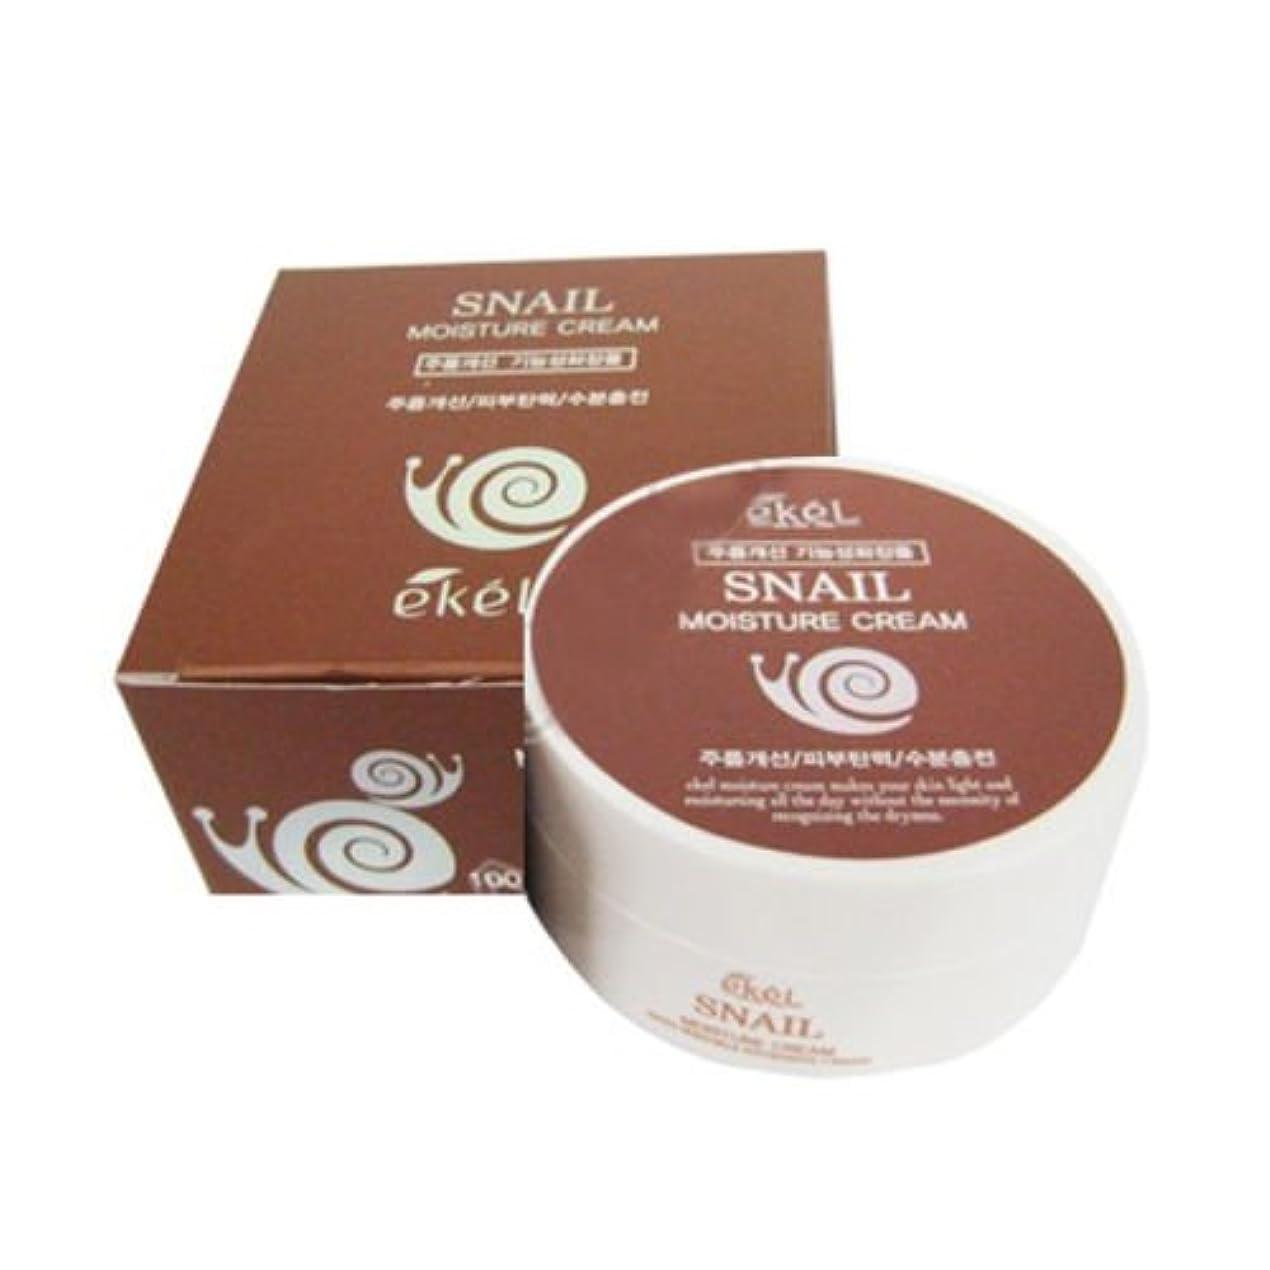 審判心理的に日食イケル[韓国コスメEkel]Snail Moisture Cream カタツムリモイスチャークリーム100g [並行輸入品]